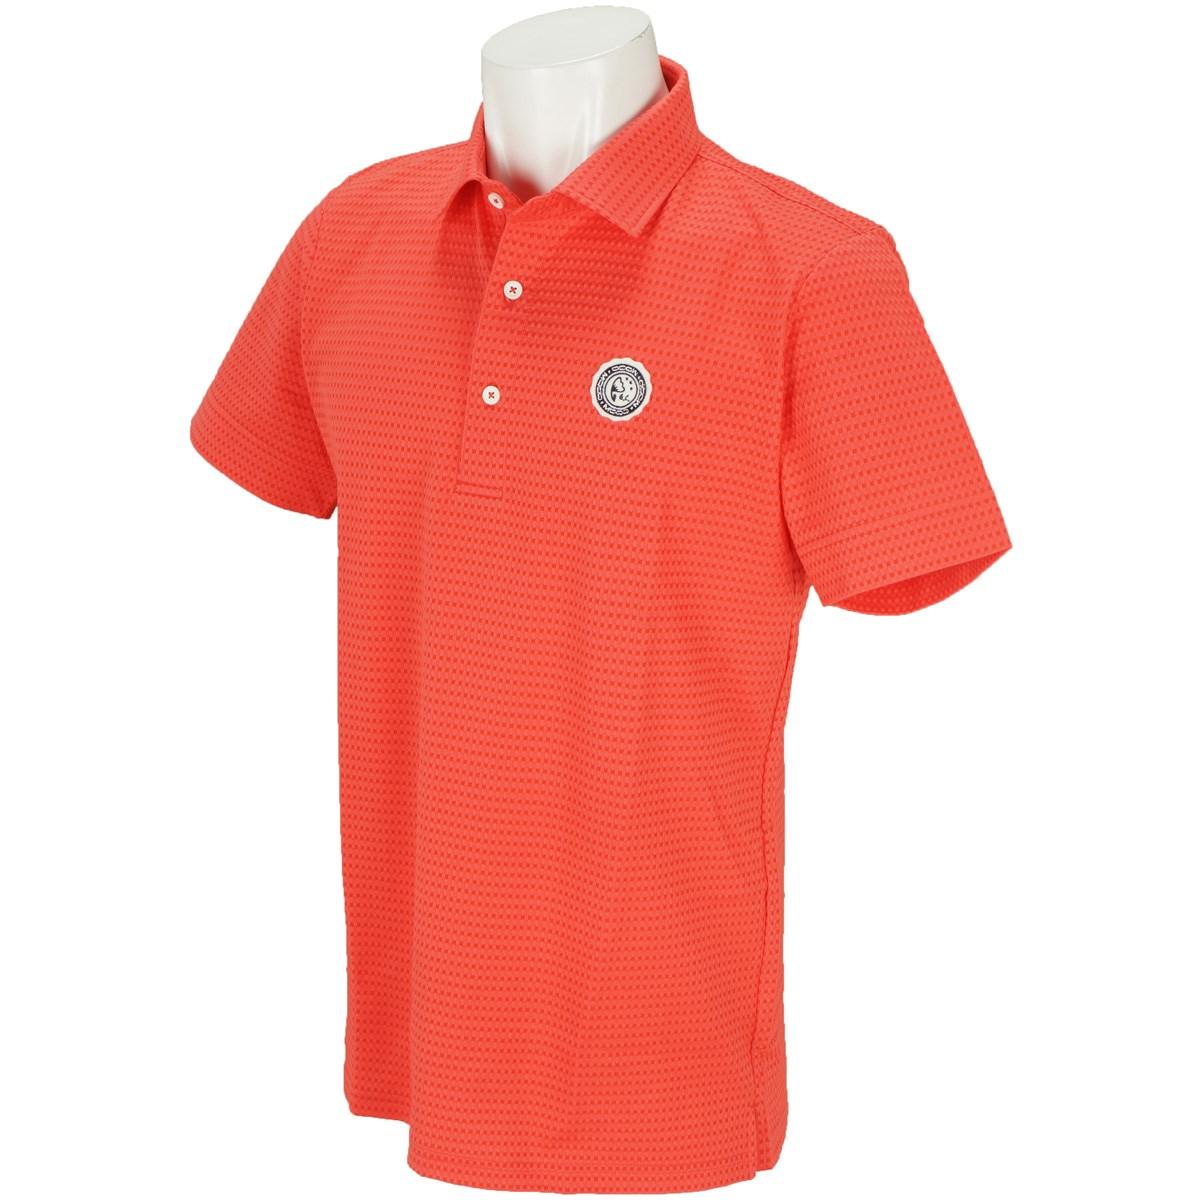 モコ MOCO サッカー半袖ポロシャツ M サンゴレッド